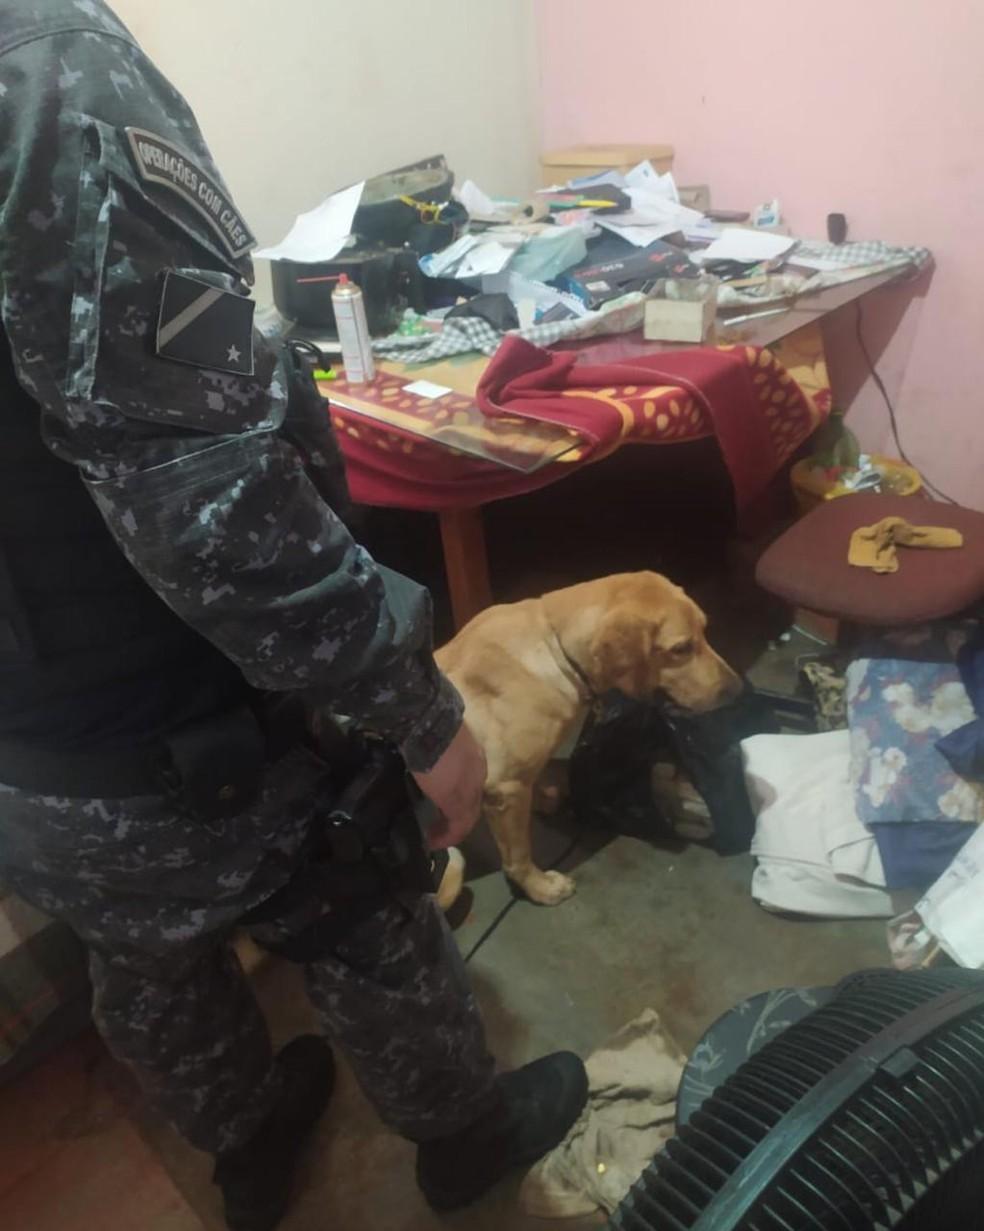 Policiais contaram com cães farejadores para varredura — Foto: Polícia Militar/Divulgação